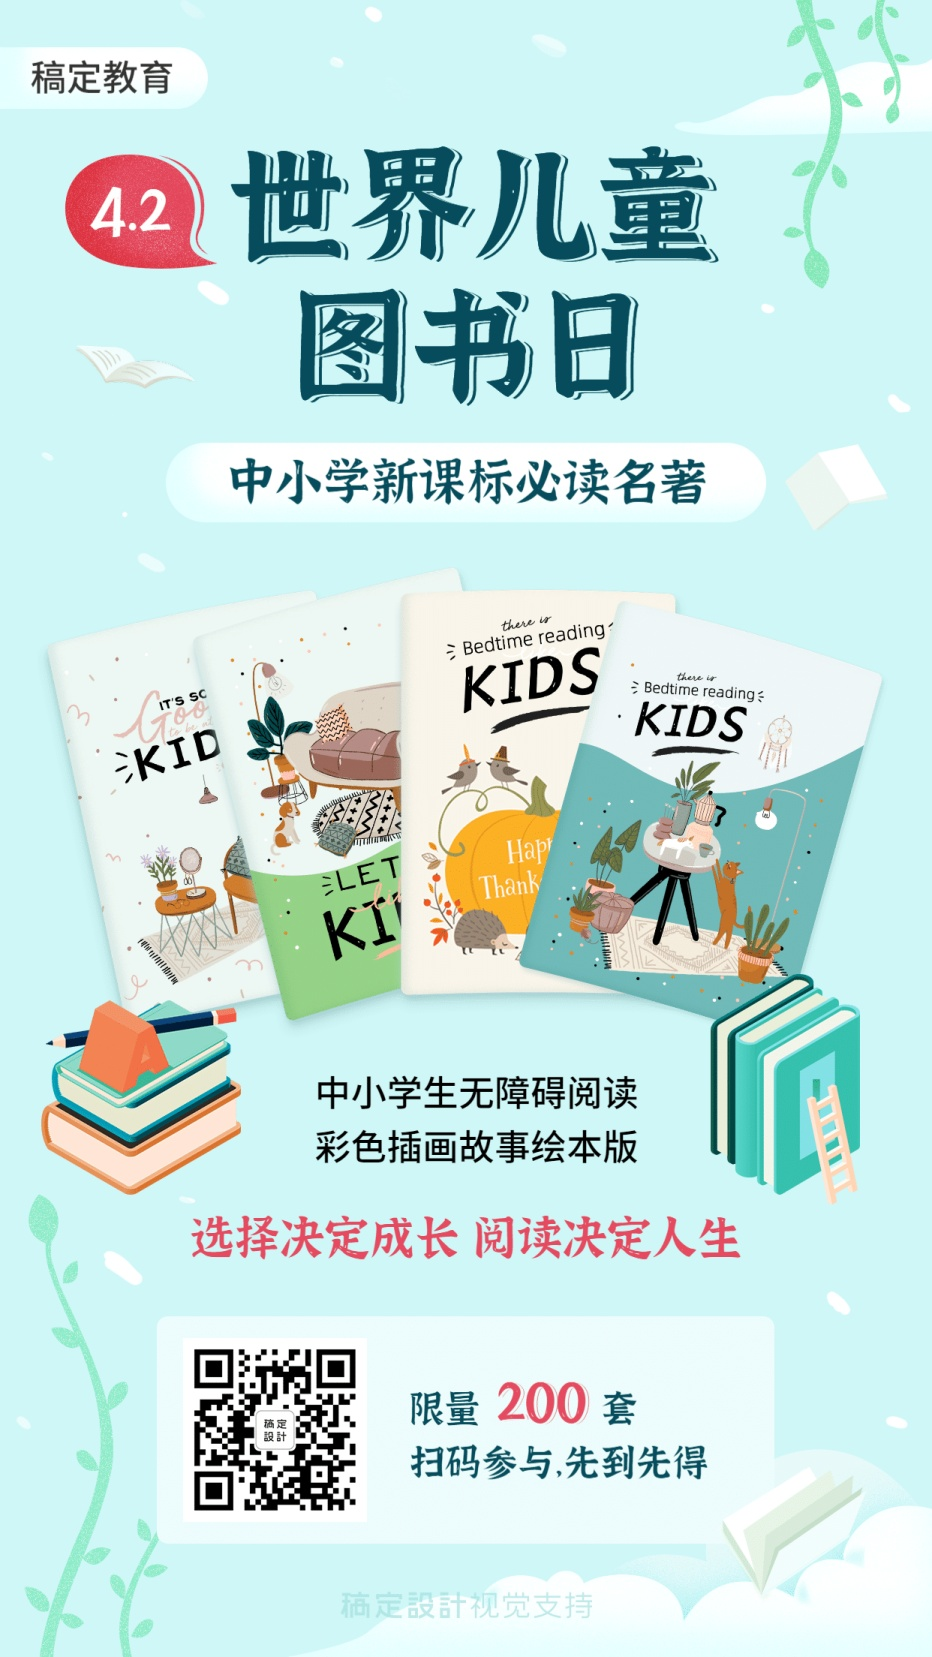 儿童图书送书赠礼海报